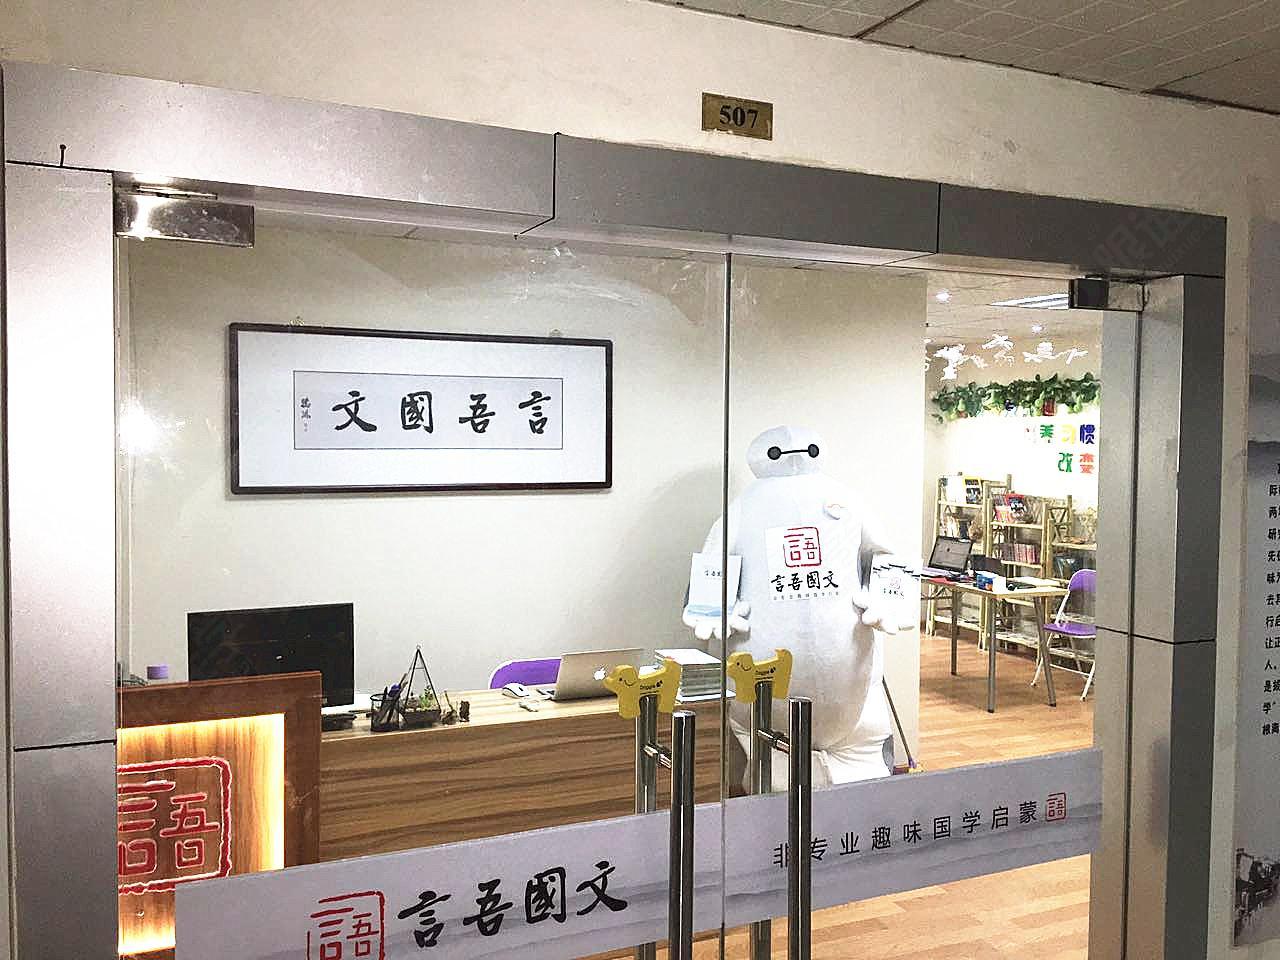 武汉汉语培训 武汉方言培训 言吾国文 黑板报         国学?